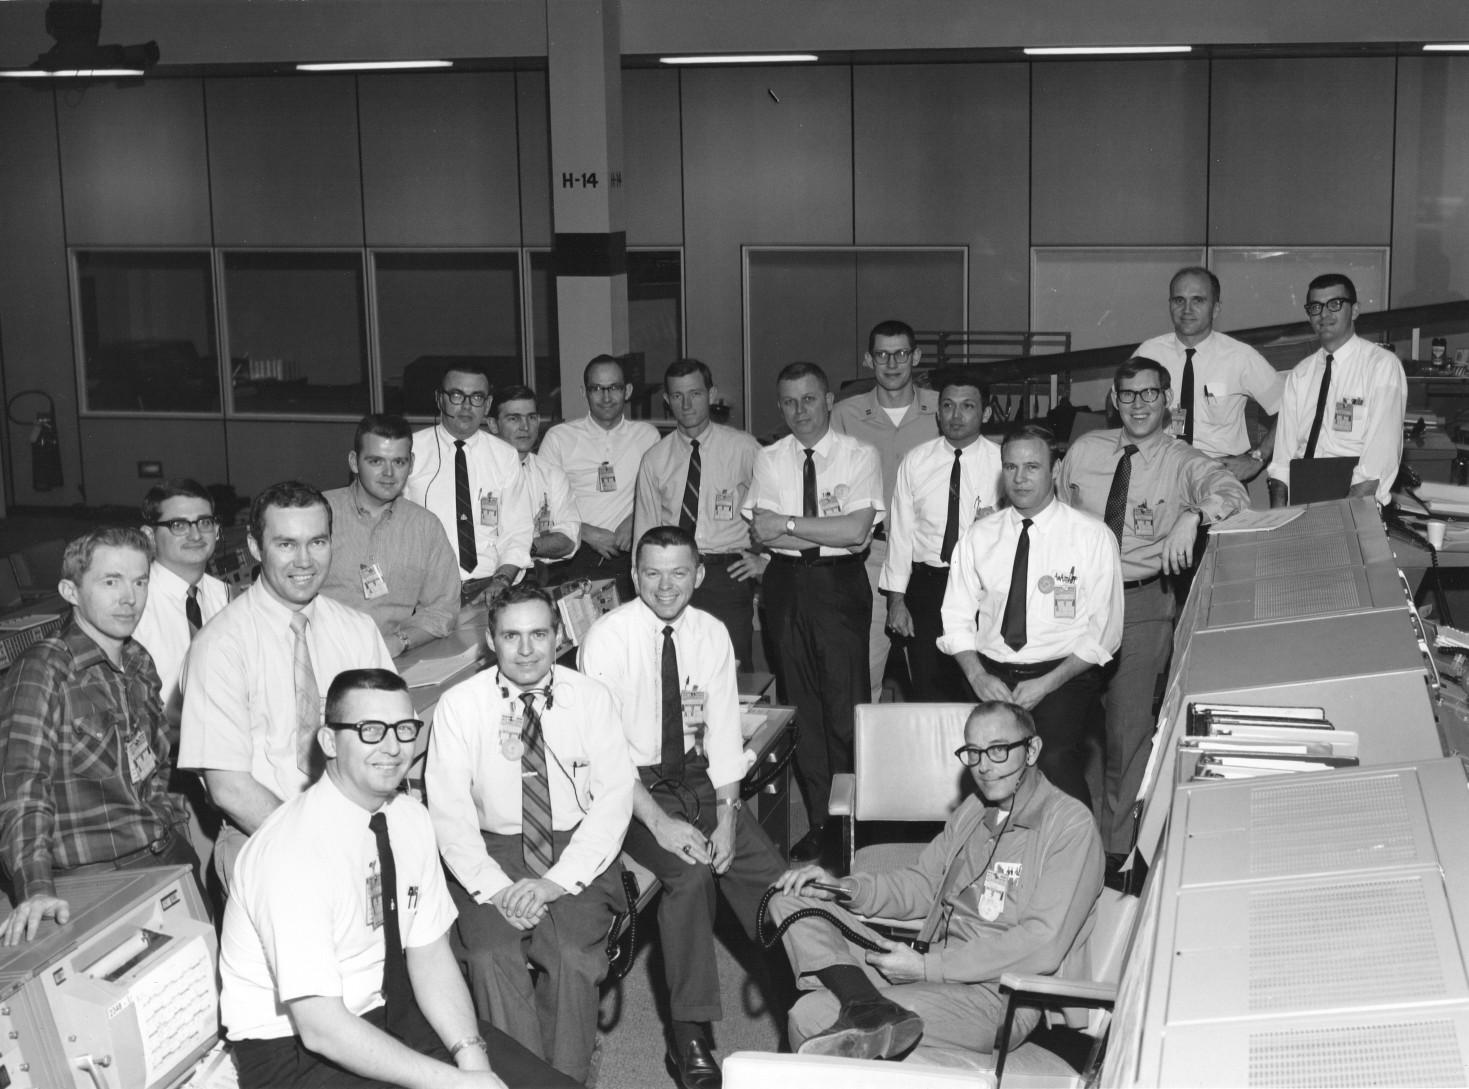 apollo space team - photo #14